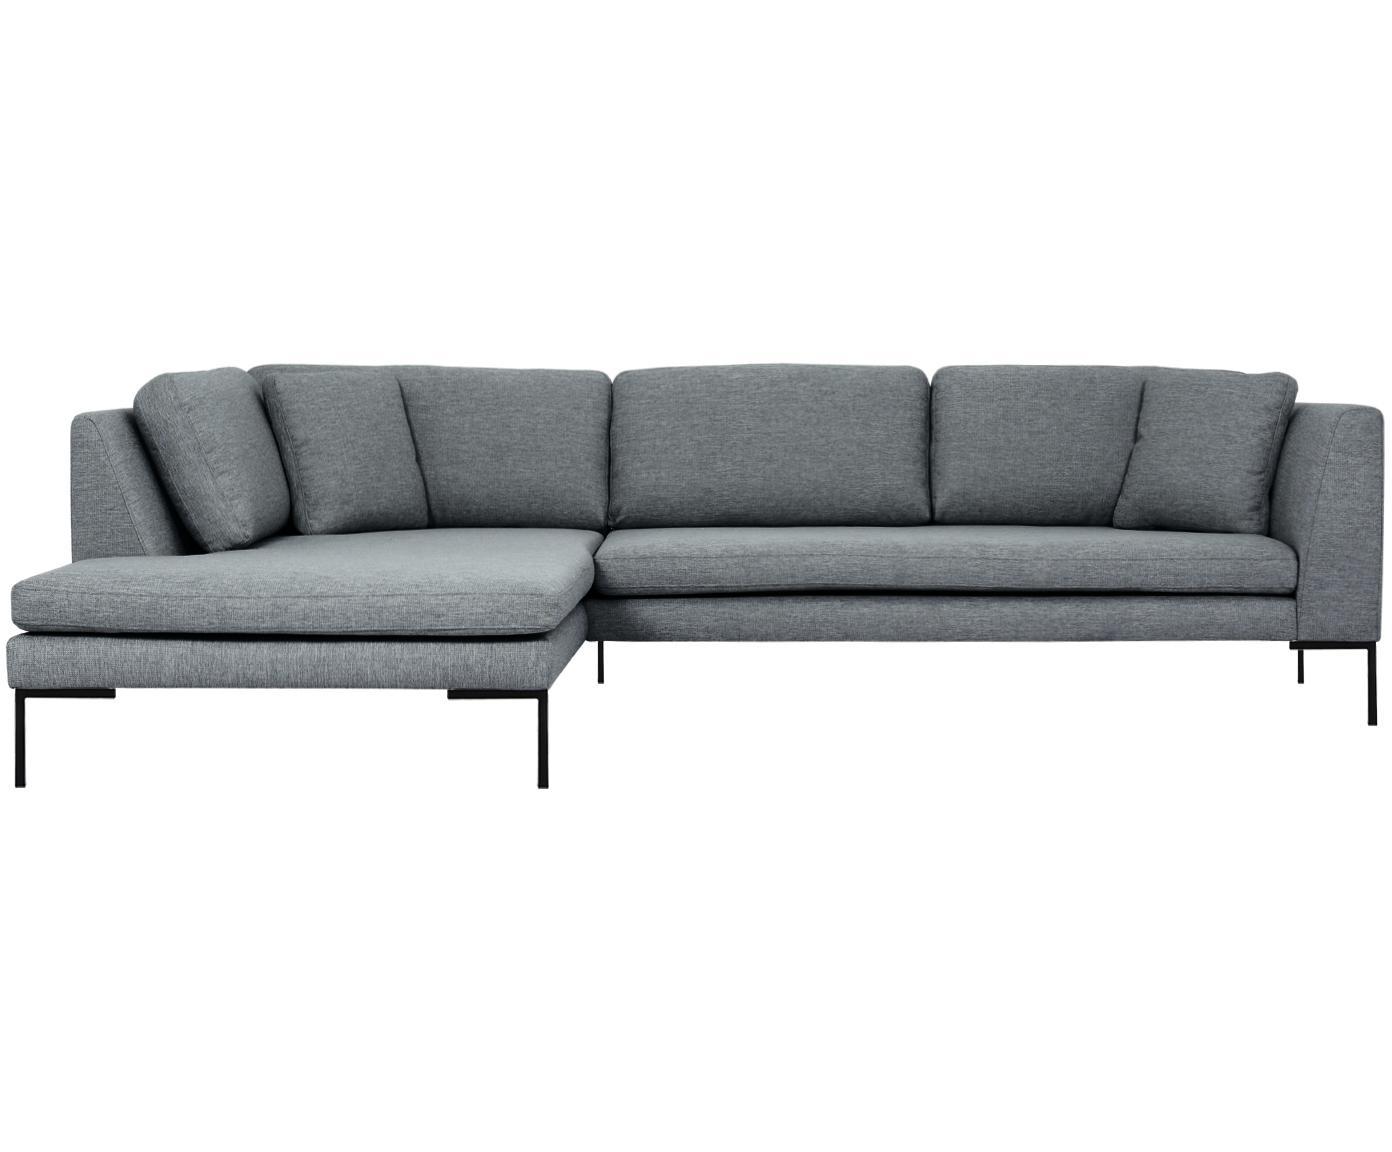 Hoekbank Emma, Bekleding: polyester, Frame: massief grenenhout, Poten: gepoedercoat metaal, Grijs, B 302 x D 220 cm